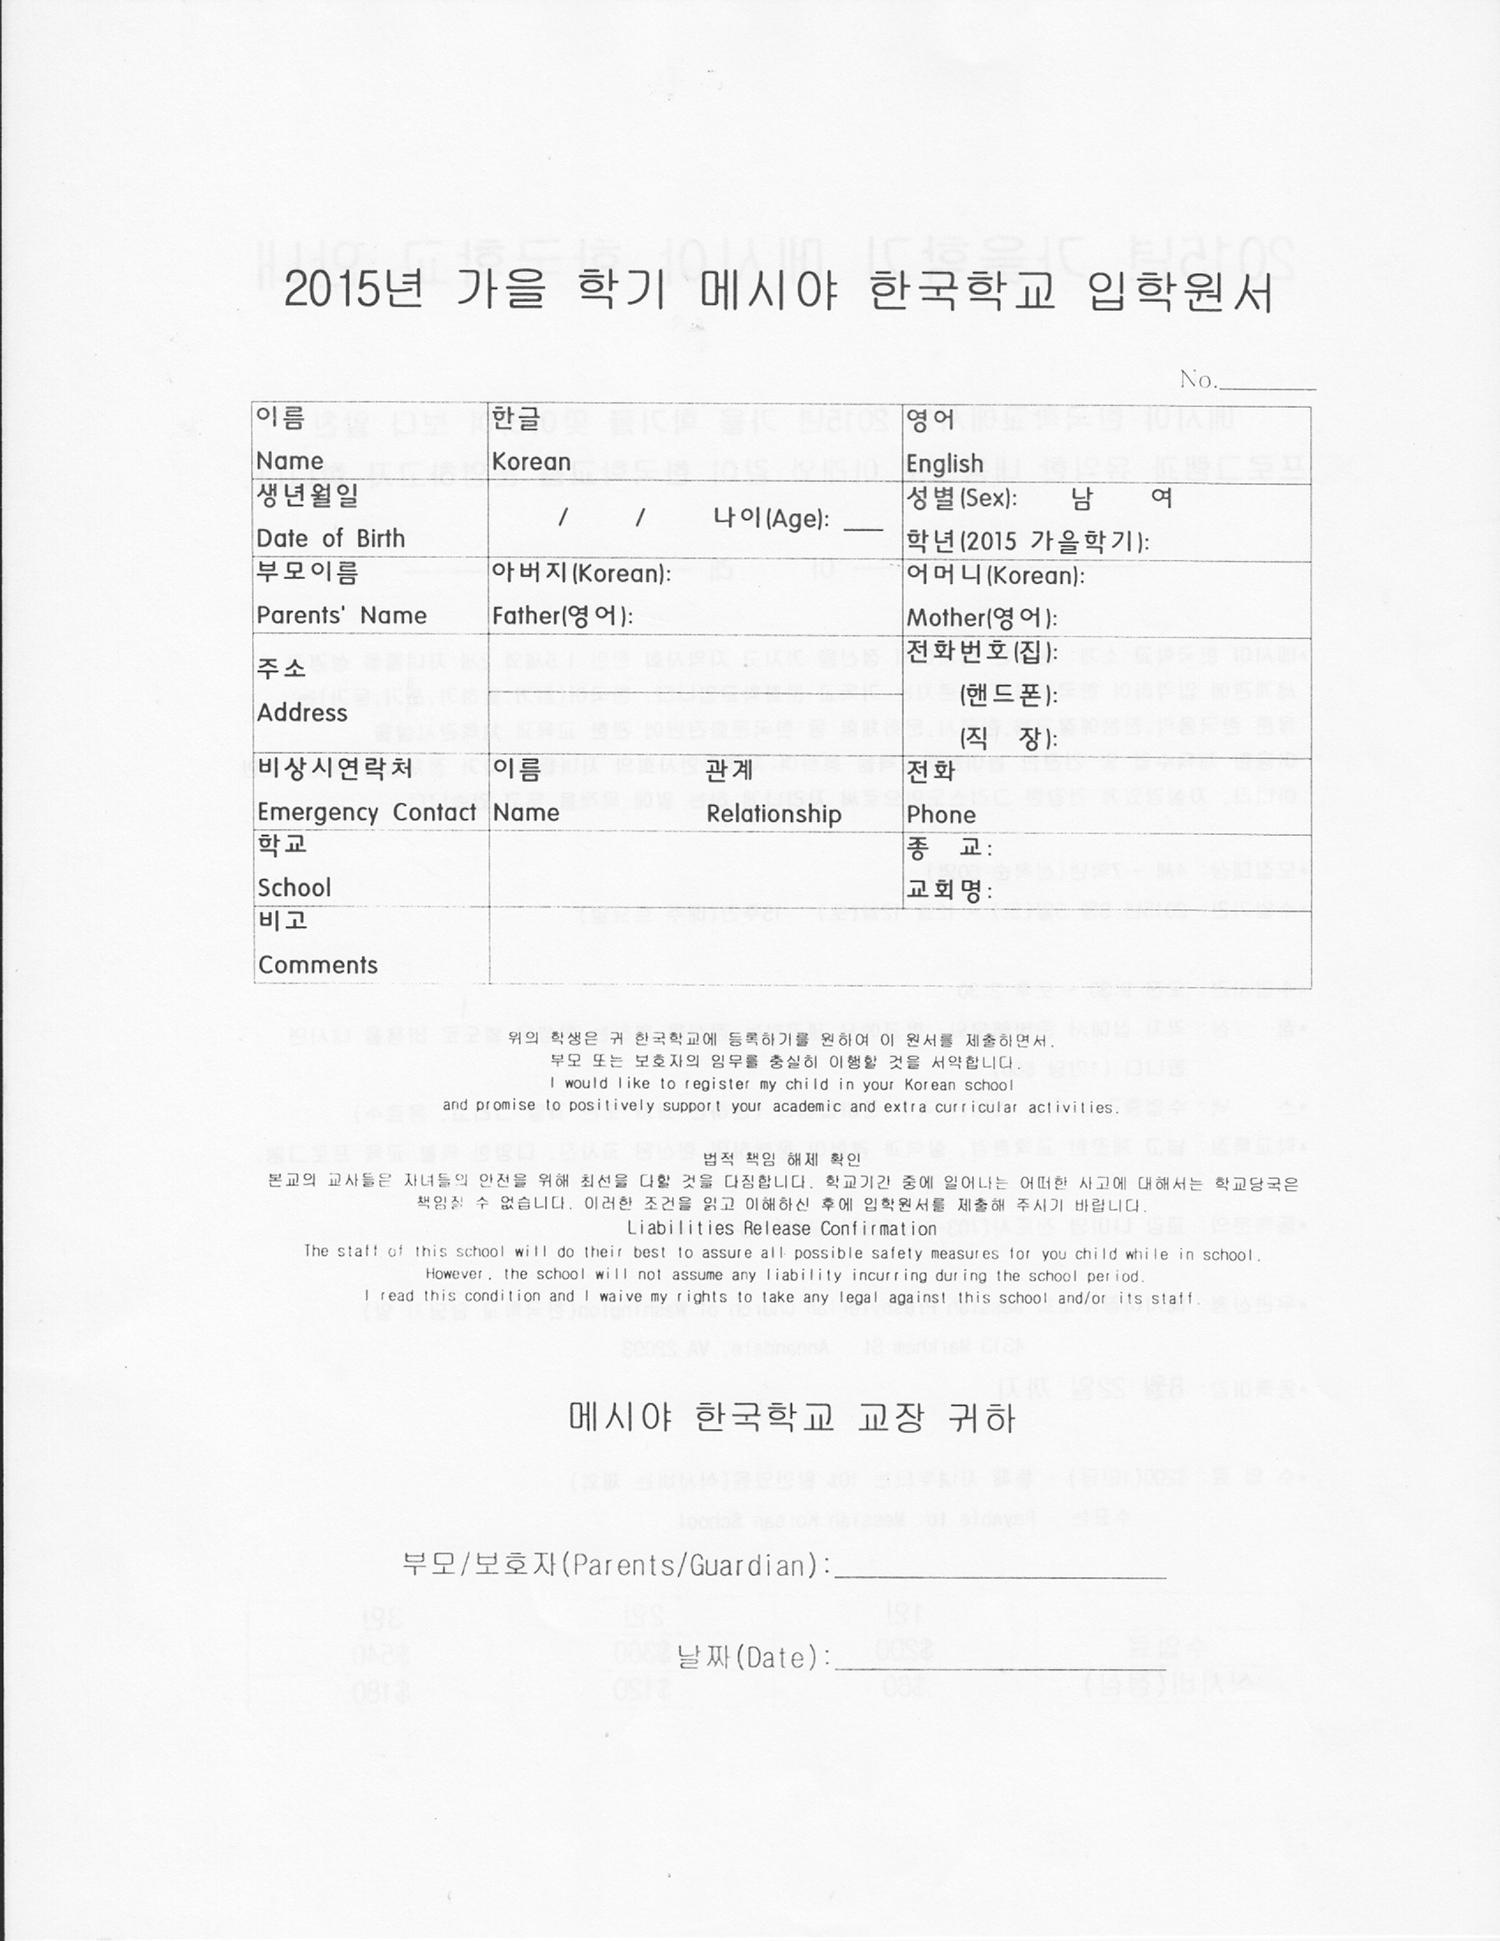 2015한국학교원서.png